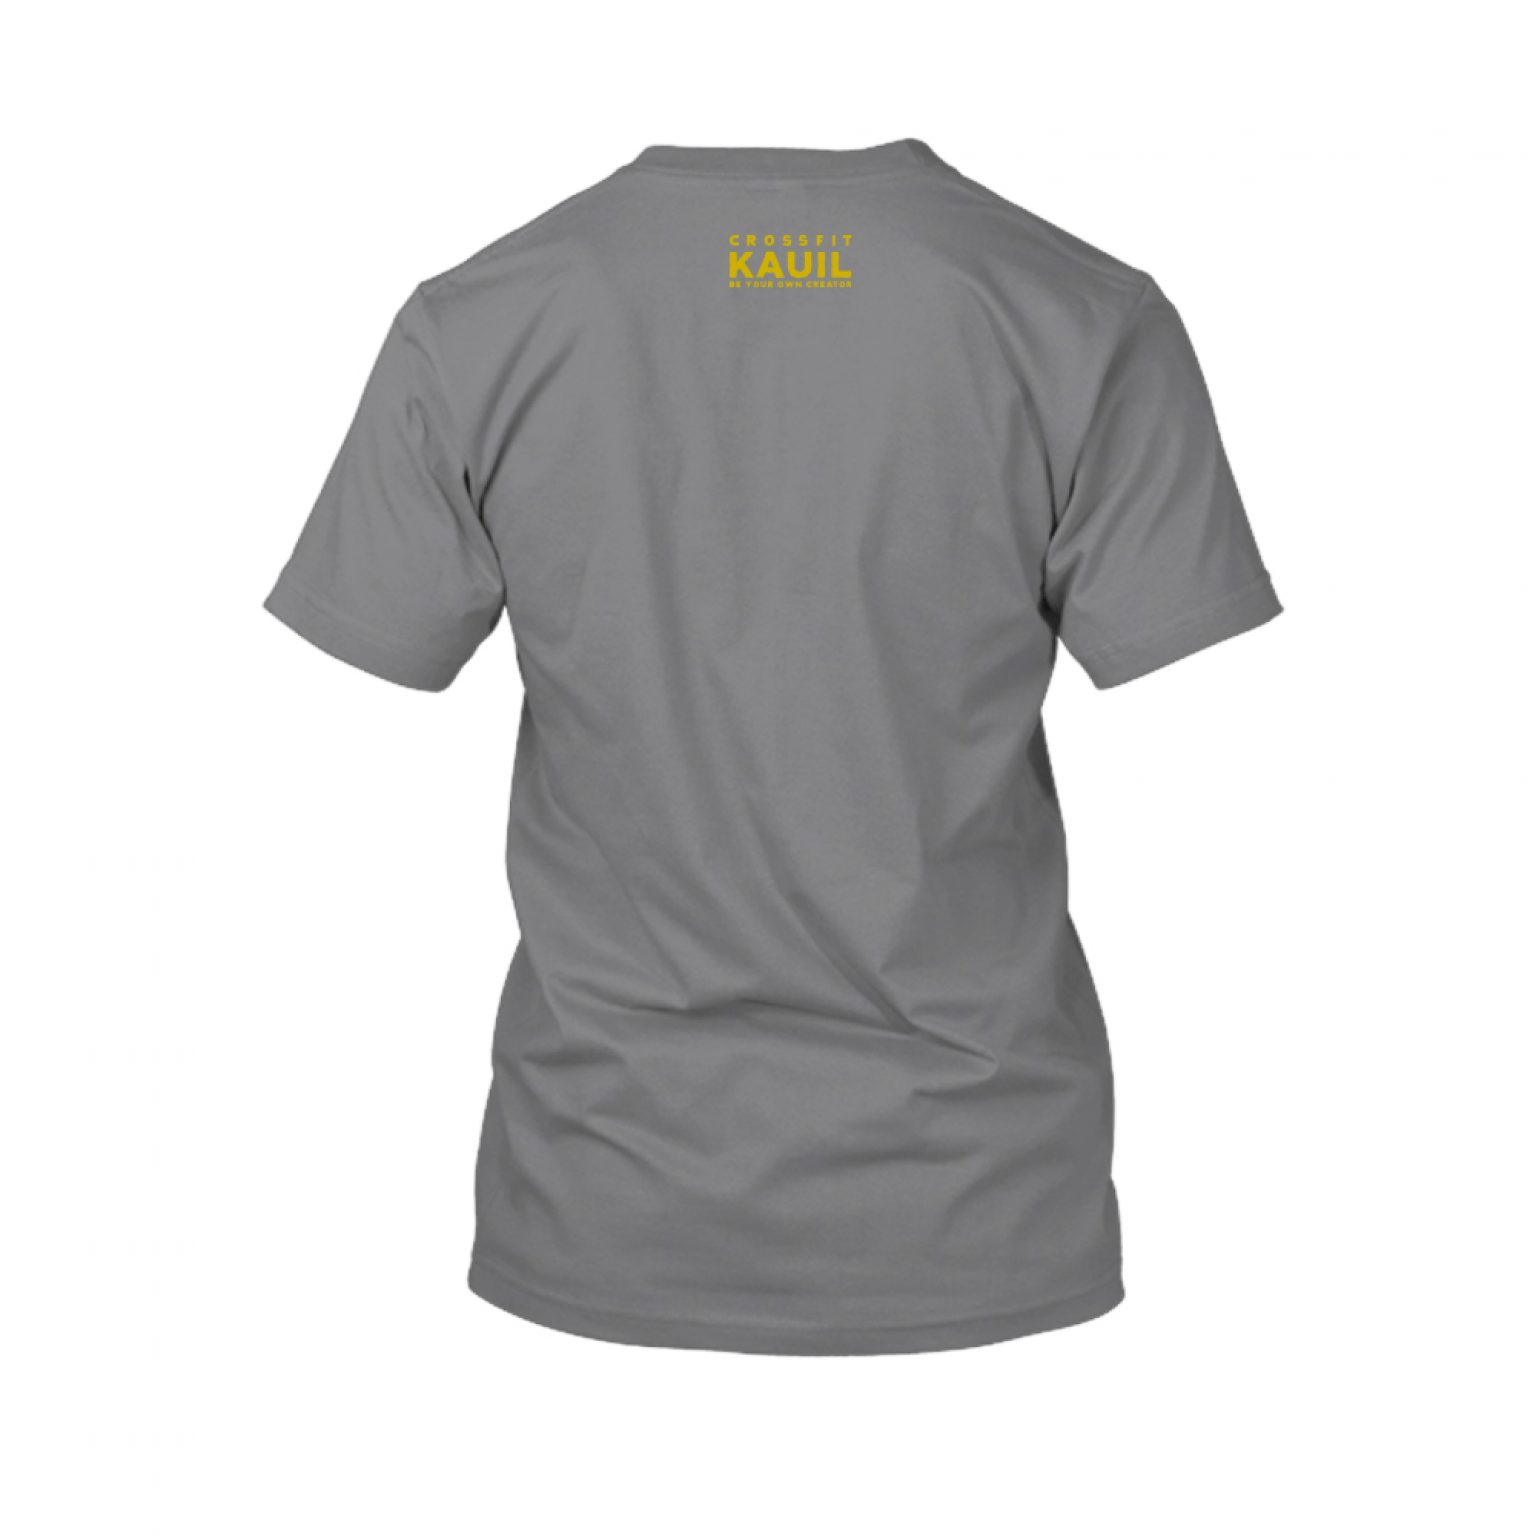 Herren Shirt HeatherDarkGrey1 gold back